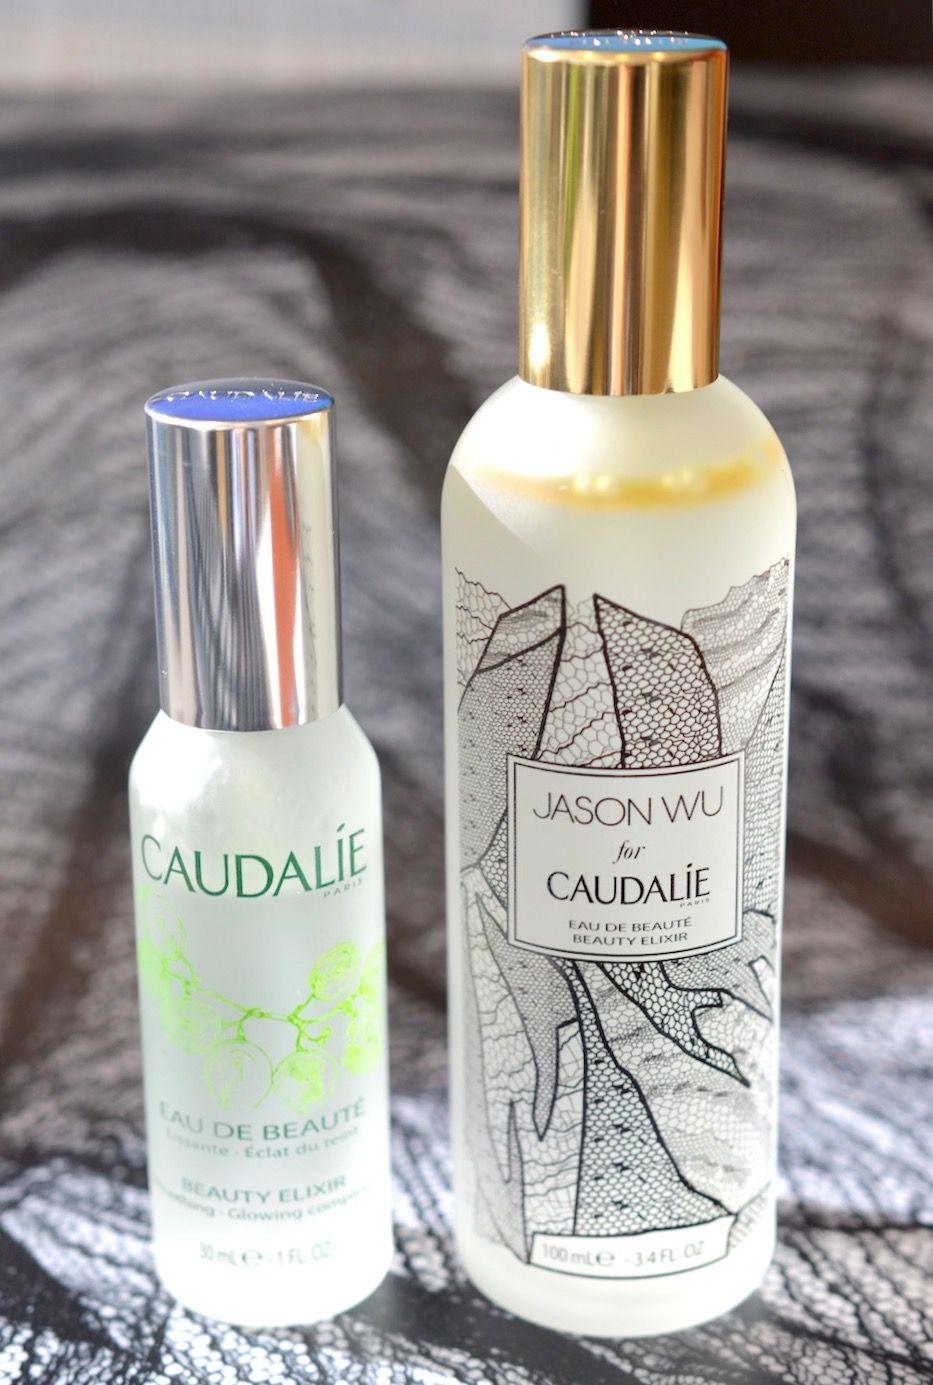 What S On My Desk Beauty Elixir Caudalie Beauty Elixir Body Skin Care